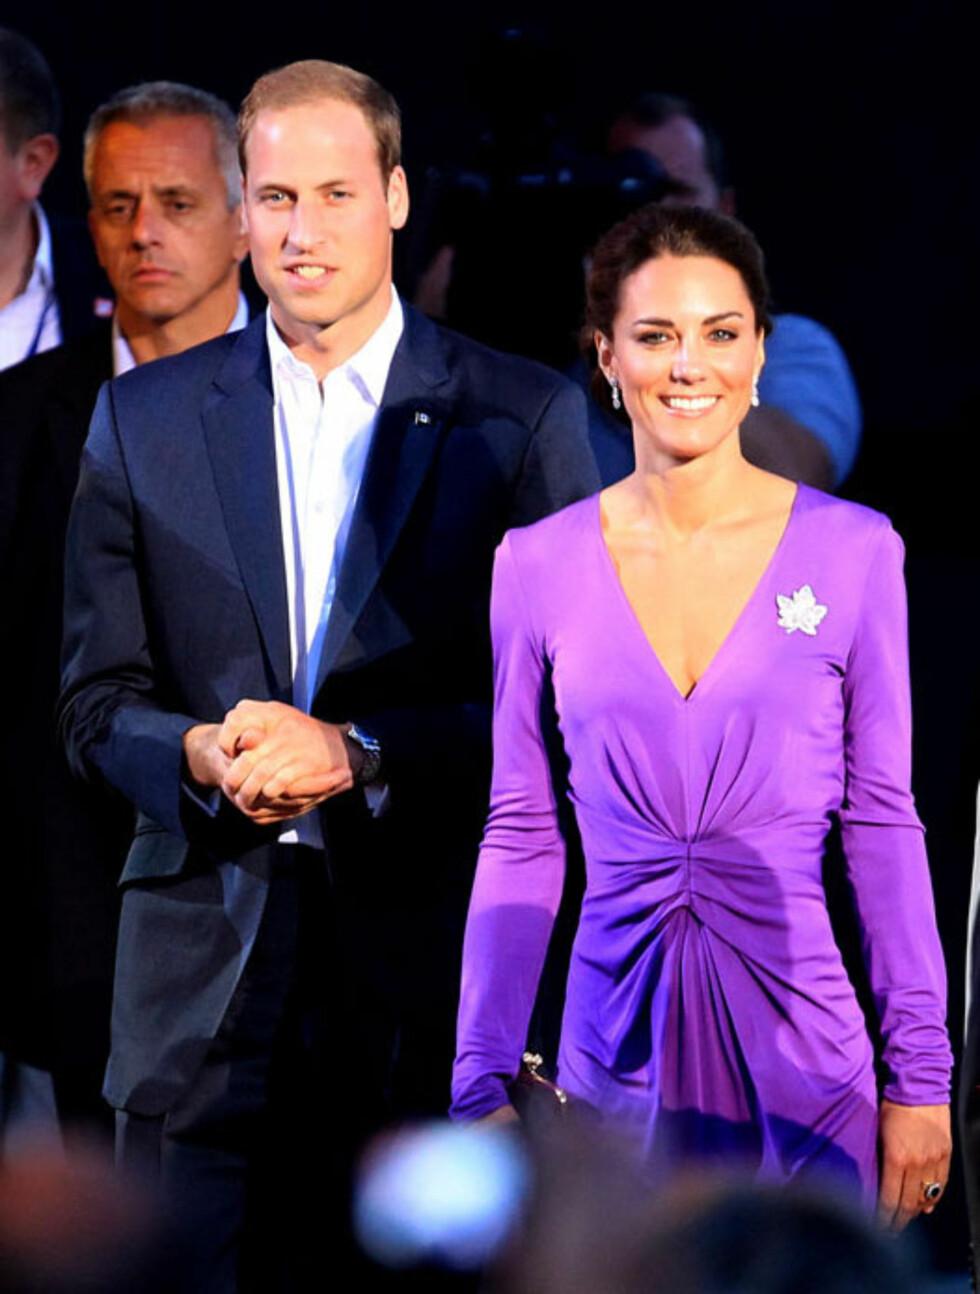 LEKKER I LILLA: Prins Williams mørkeblå dress stod fint til hertuginnens sjokklilla Issa-kjole. Legg merke til den lønnebladformede brosjen, som Kate har lånt av dronningen. Her på kveldsfeiringen av Canada Day i Ottowa.  Foto: All Over Press